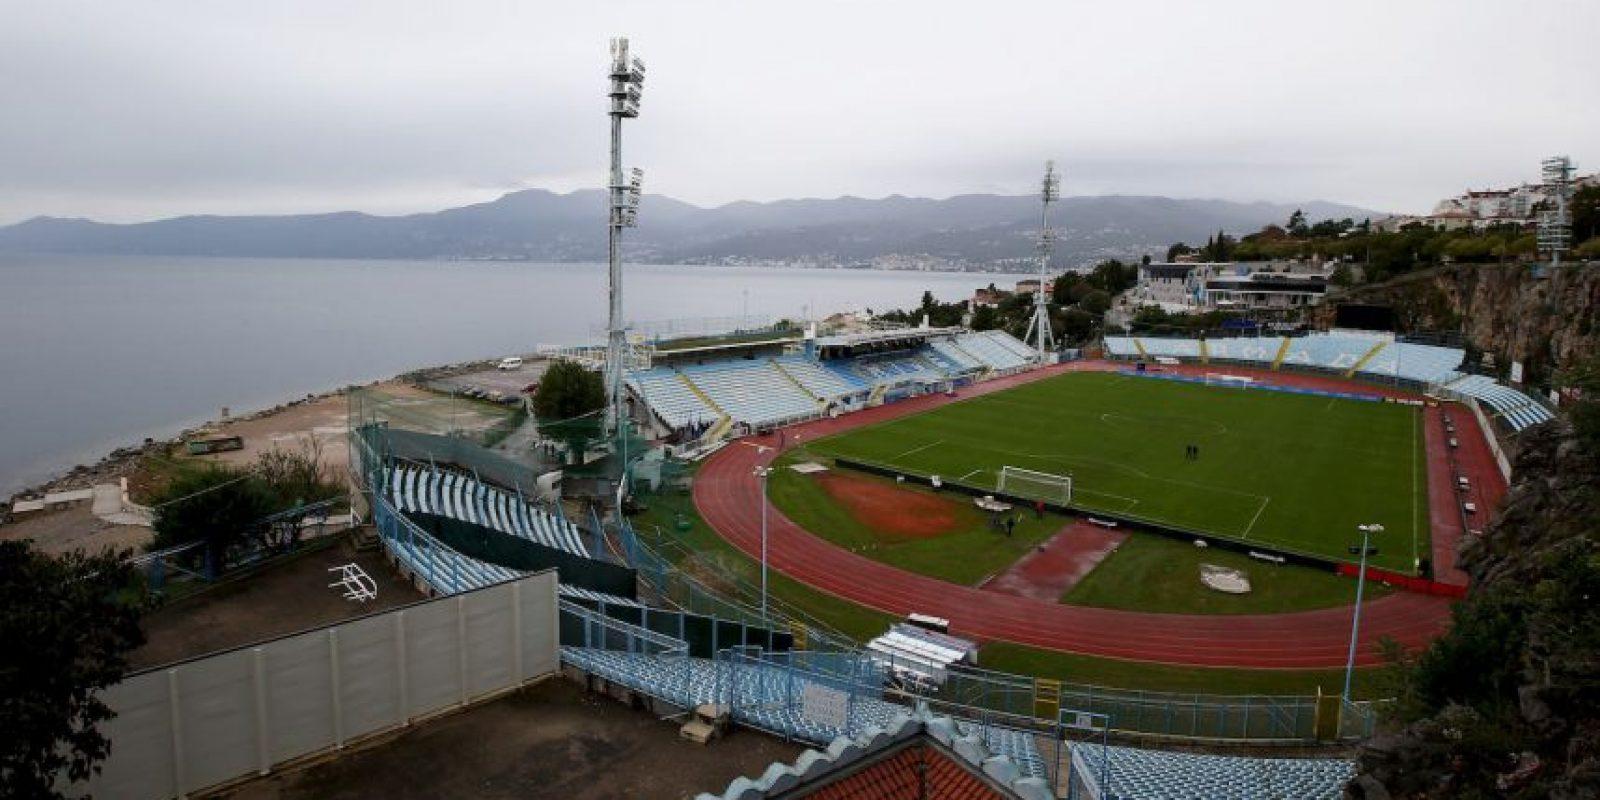 Stadion Kantrida (Croacia). Su apariencia llama la atención por estar rodeado de acantilados al norte y la costa del Adriático al lado norte. Es la casa del HNK Rijeka y alberga 12 mil espectadores Foto:Getty Images